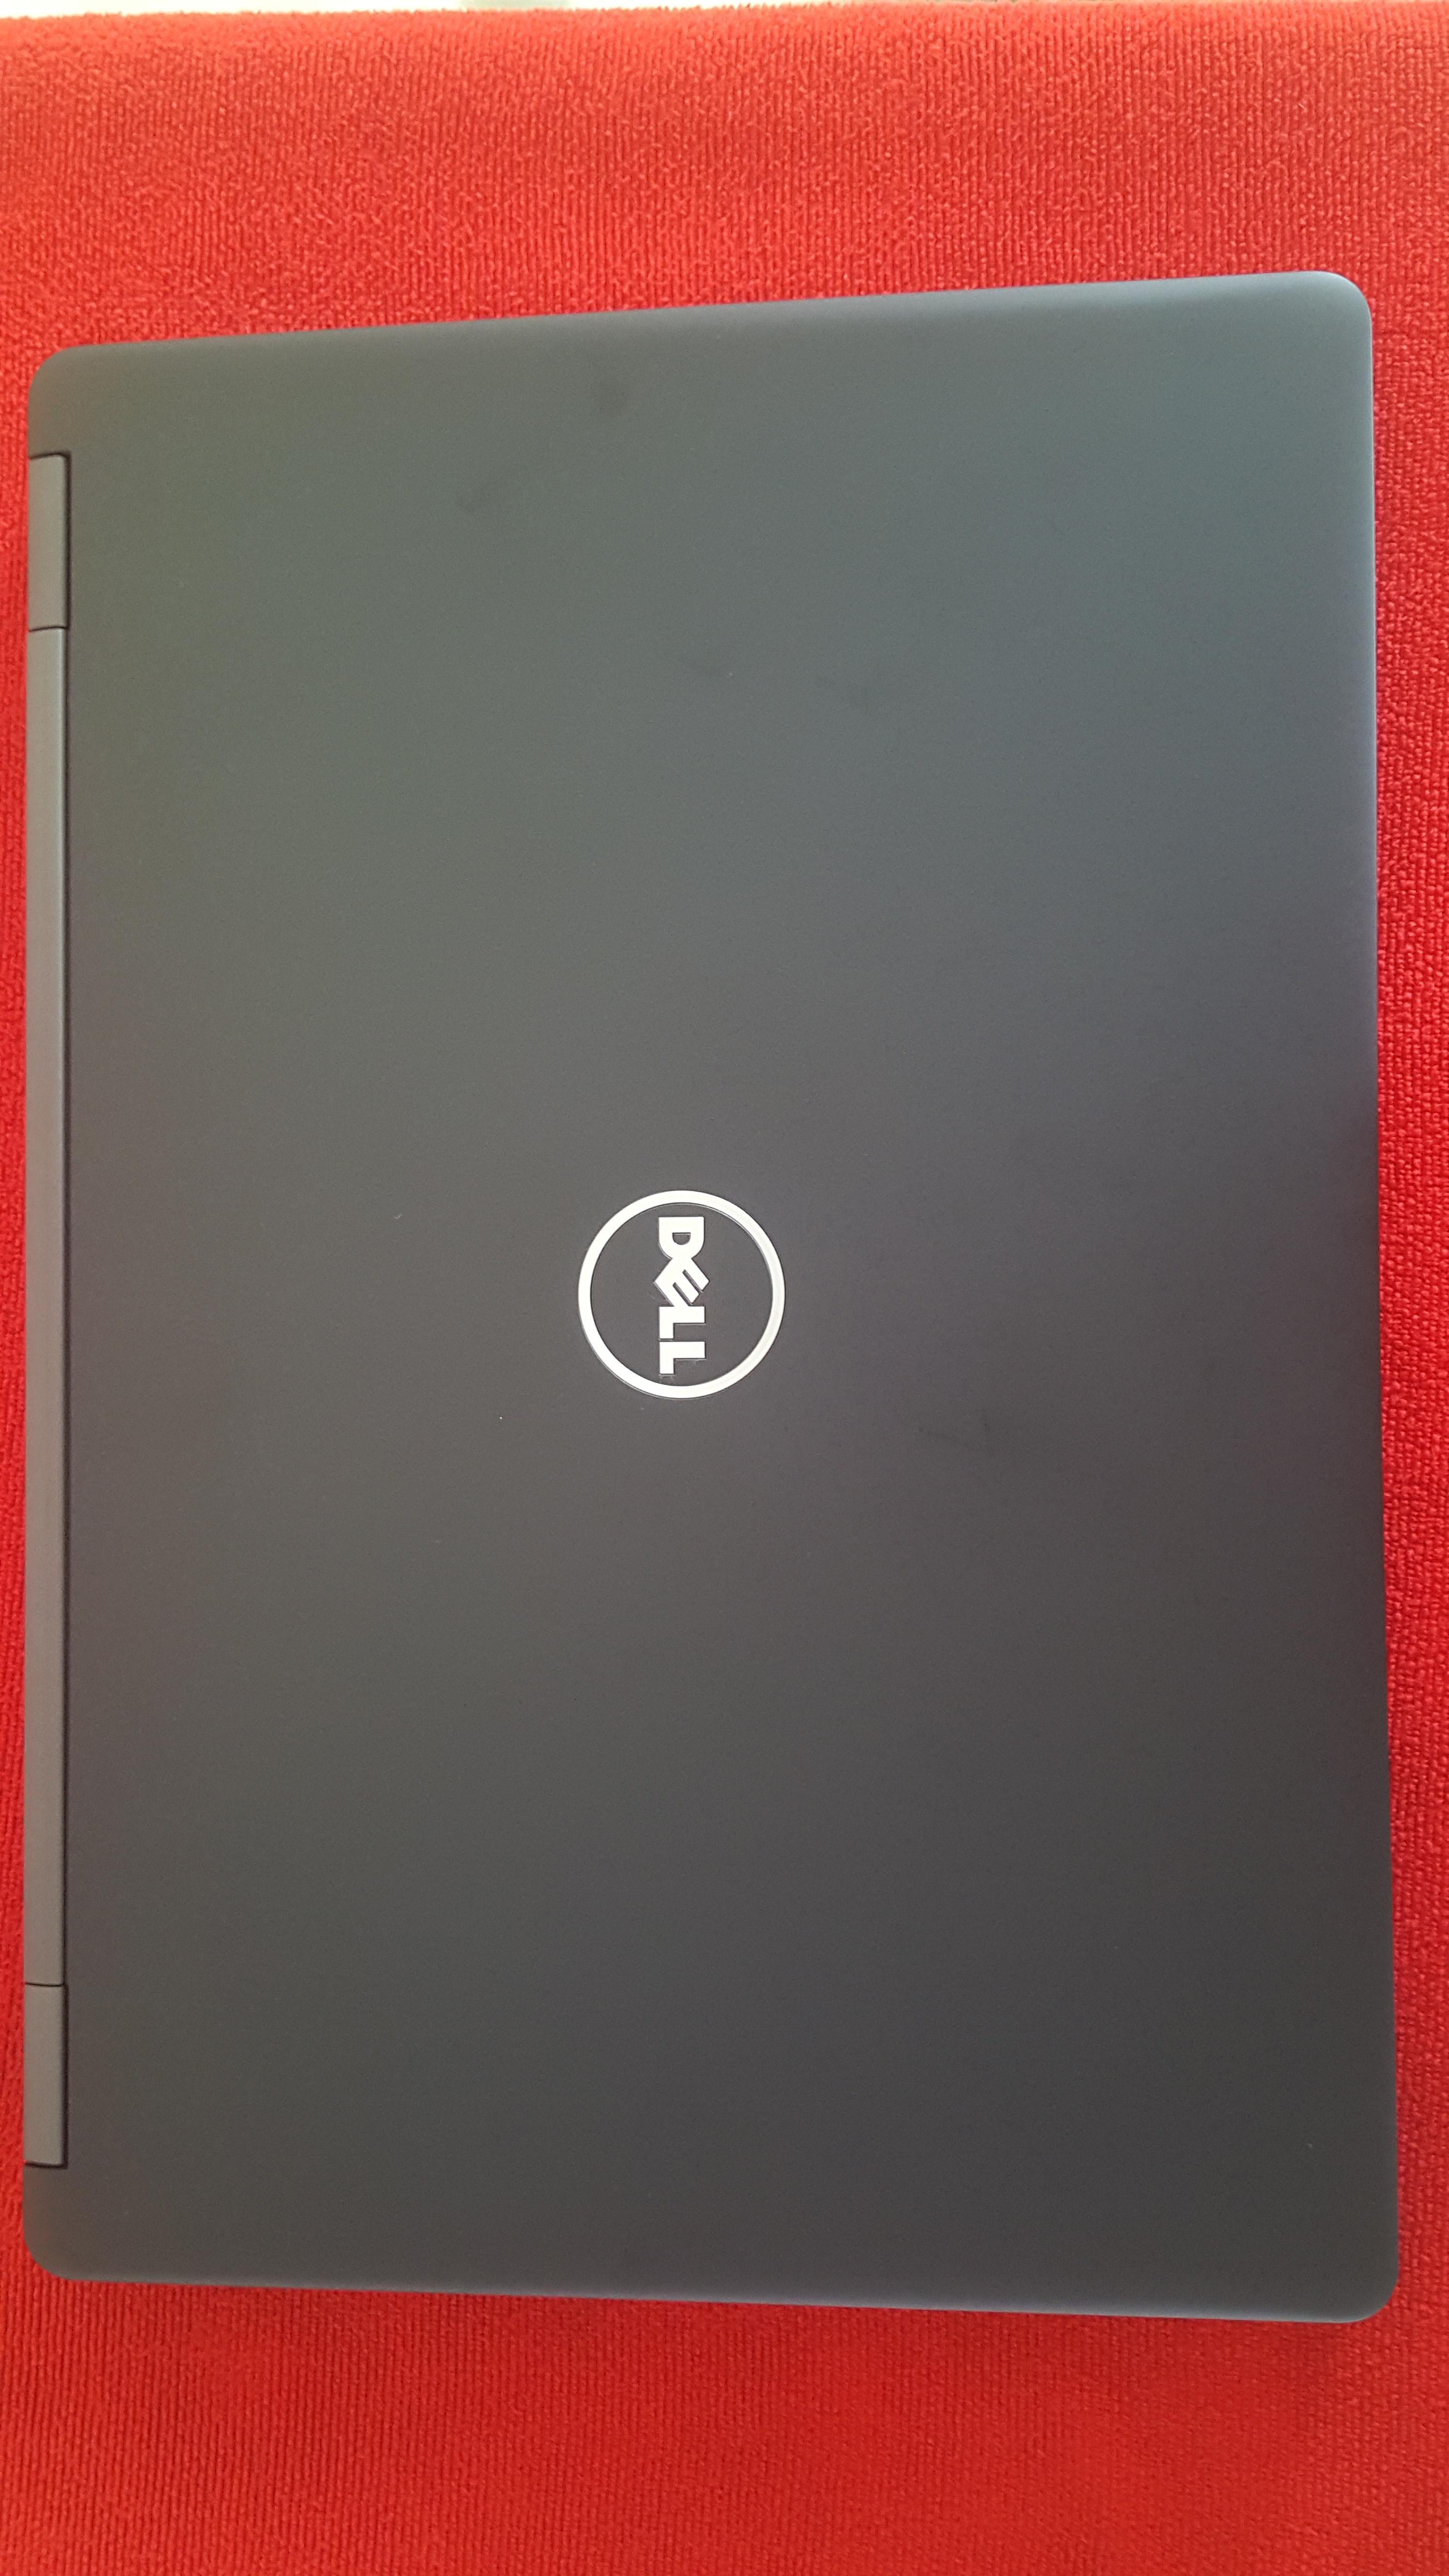 """ขาย notebook hi end Dell Latitude 5480 i7-7600U 8GB 256GB SSD 14"""" Notebook PC Win Pro"""